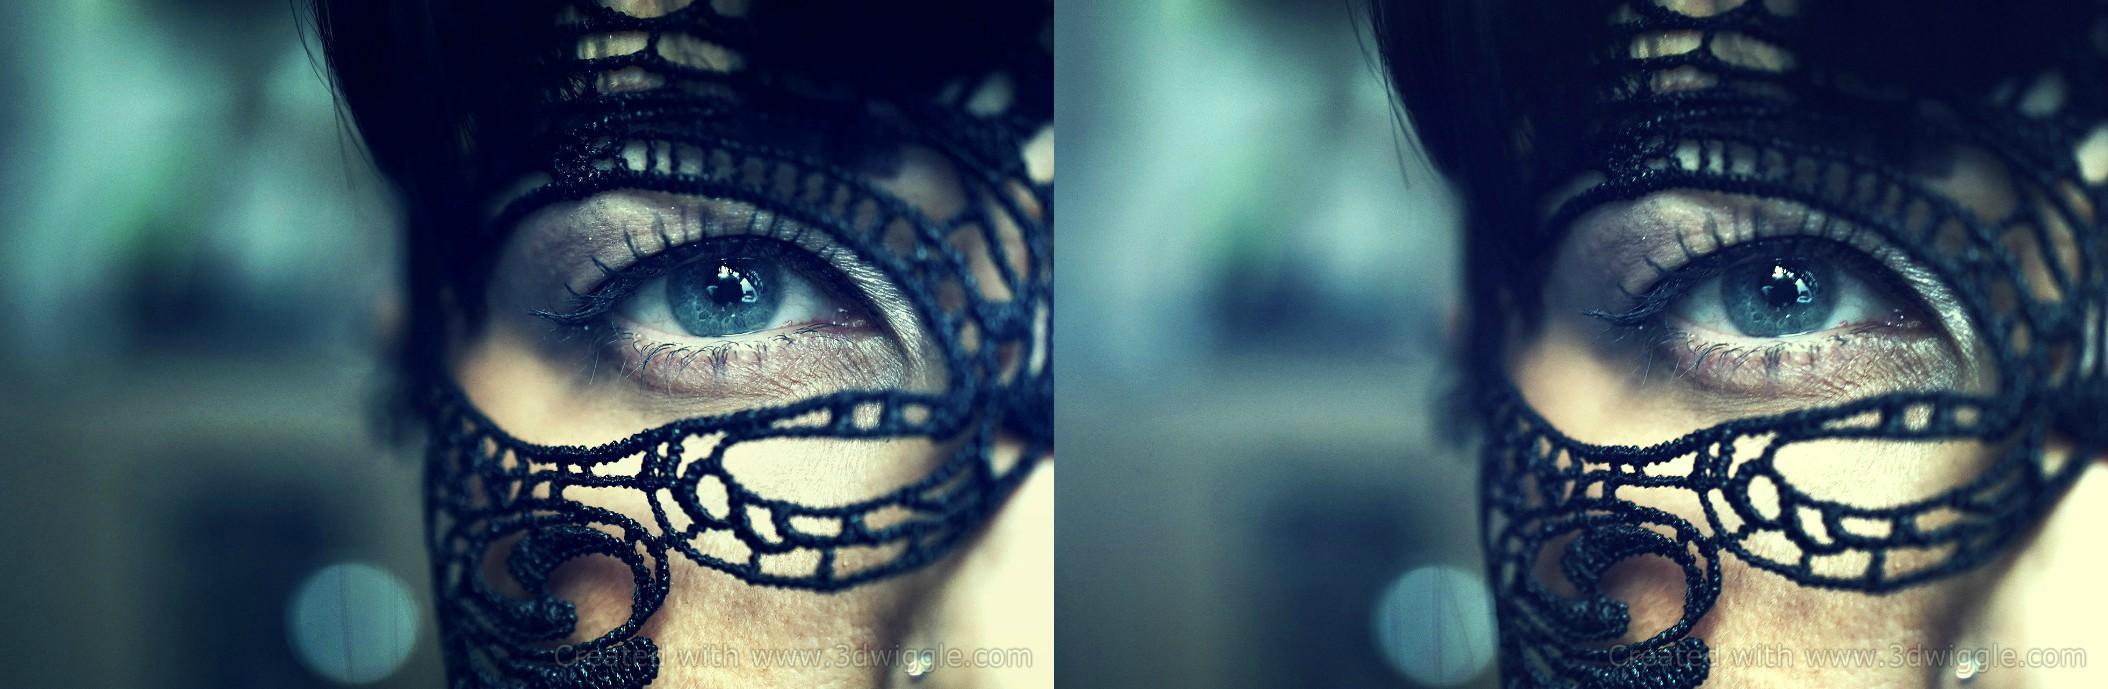 gyrl with blue eye